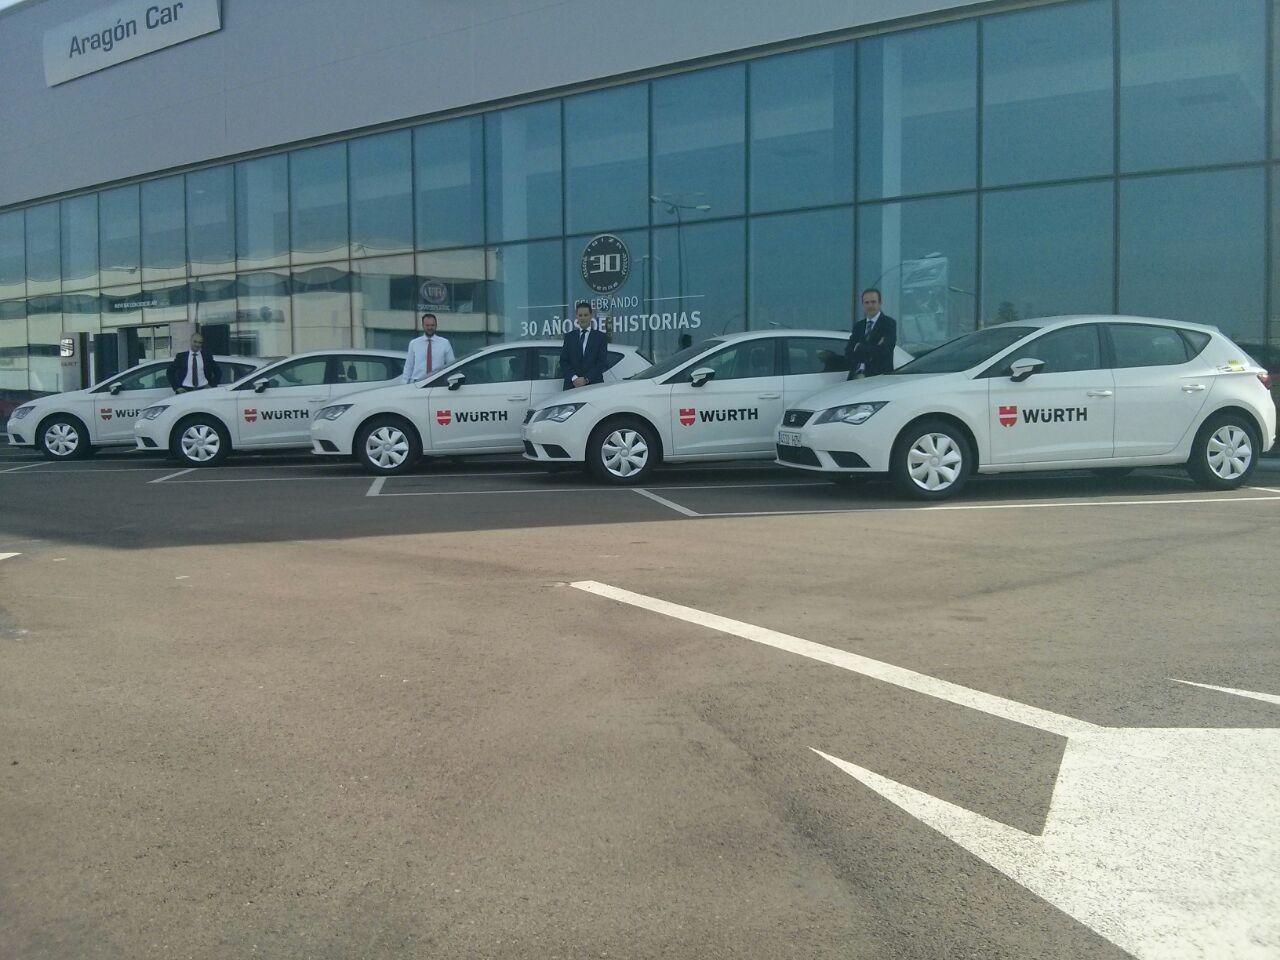 Aragon car seat zaragoza barato oferta descuento wurth 1